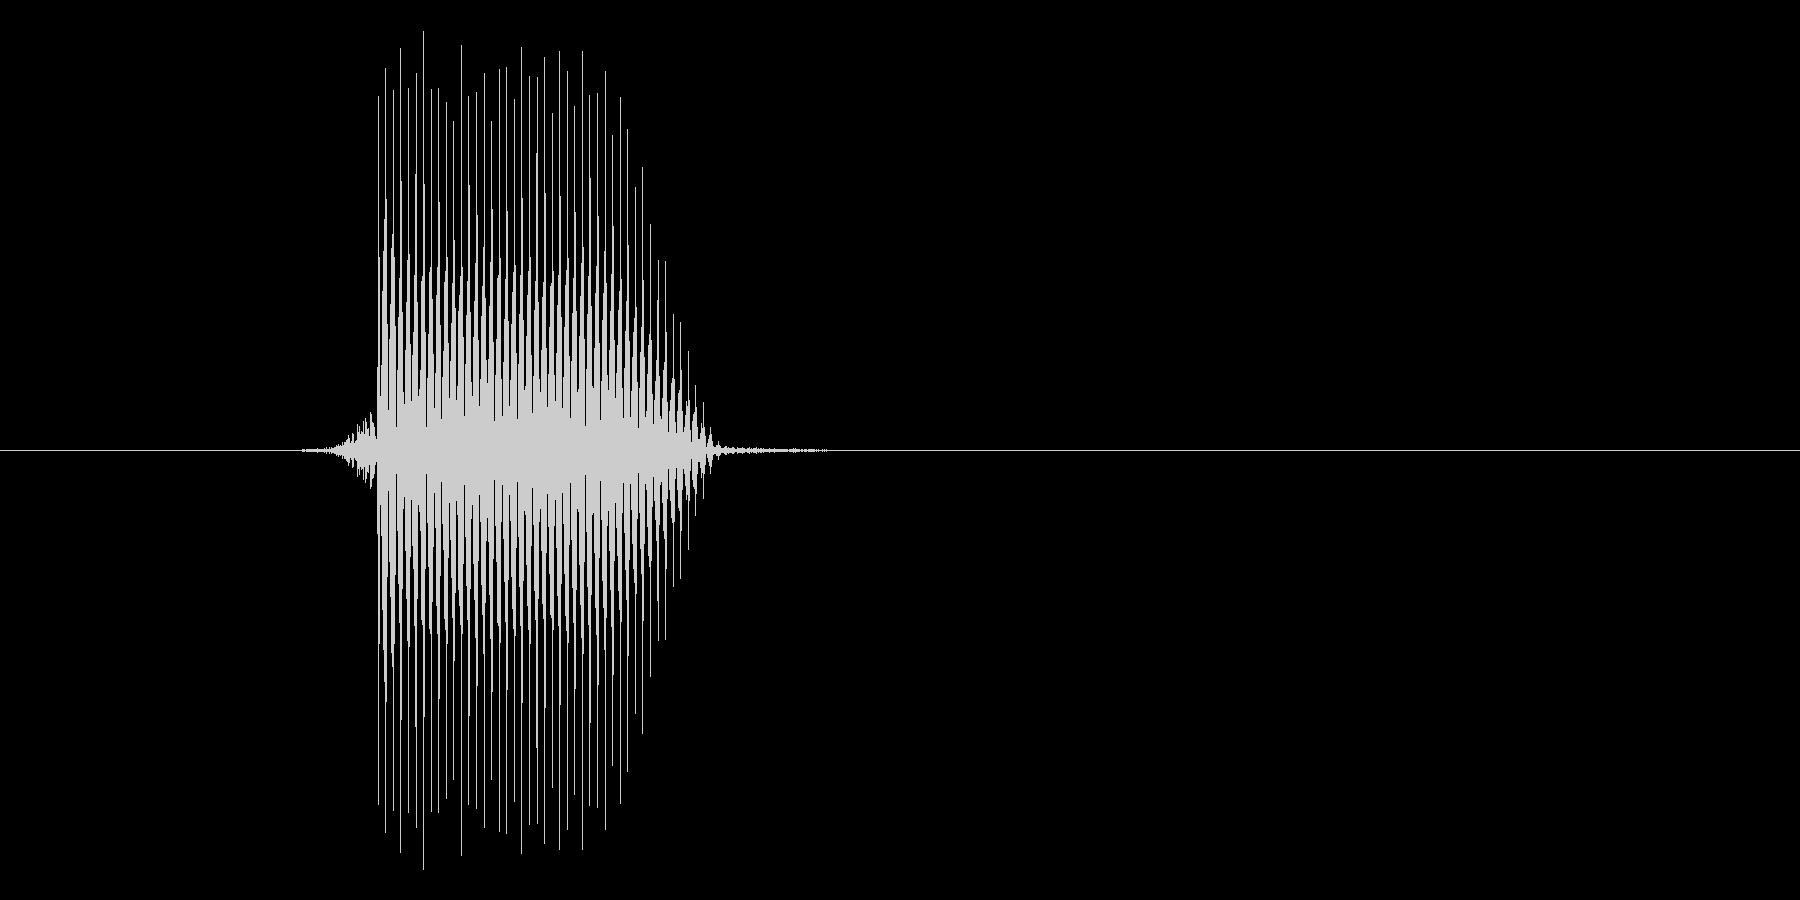 ゲーム(ファミコン風)セレクト音_014の未再生の波形